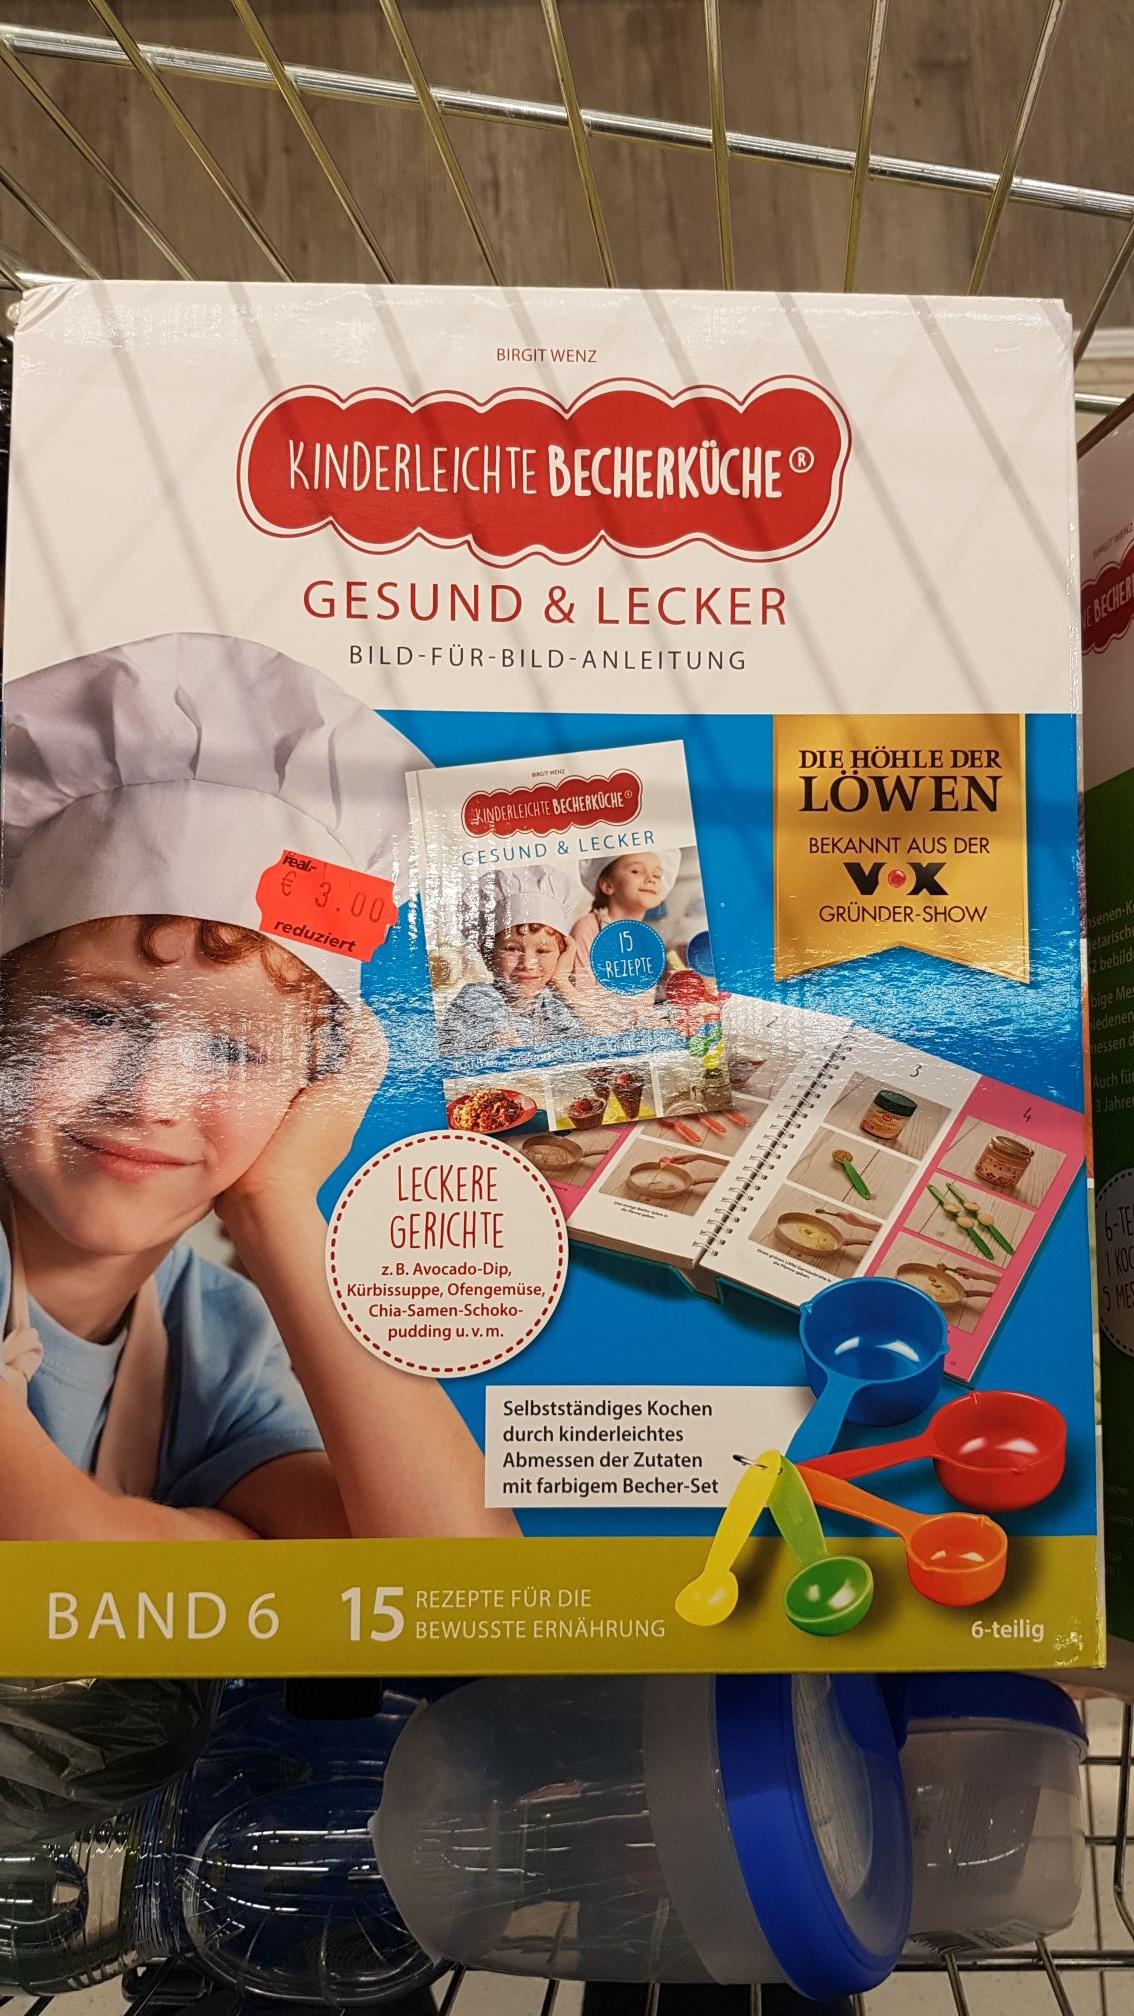 [Mainz Bretzenheim Real] Kinderleichte Becherküche, 6-teiliges Set 3€ statt 19,99€